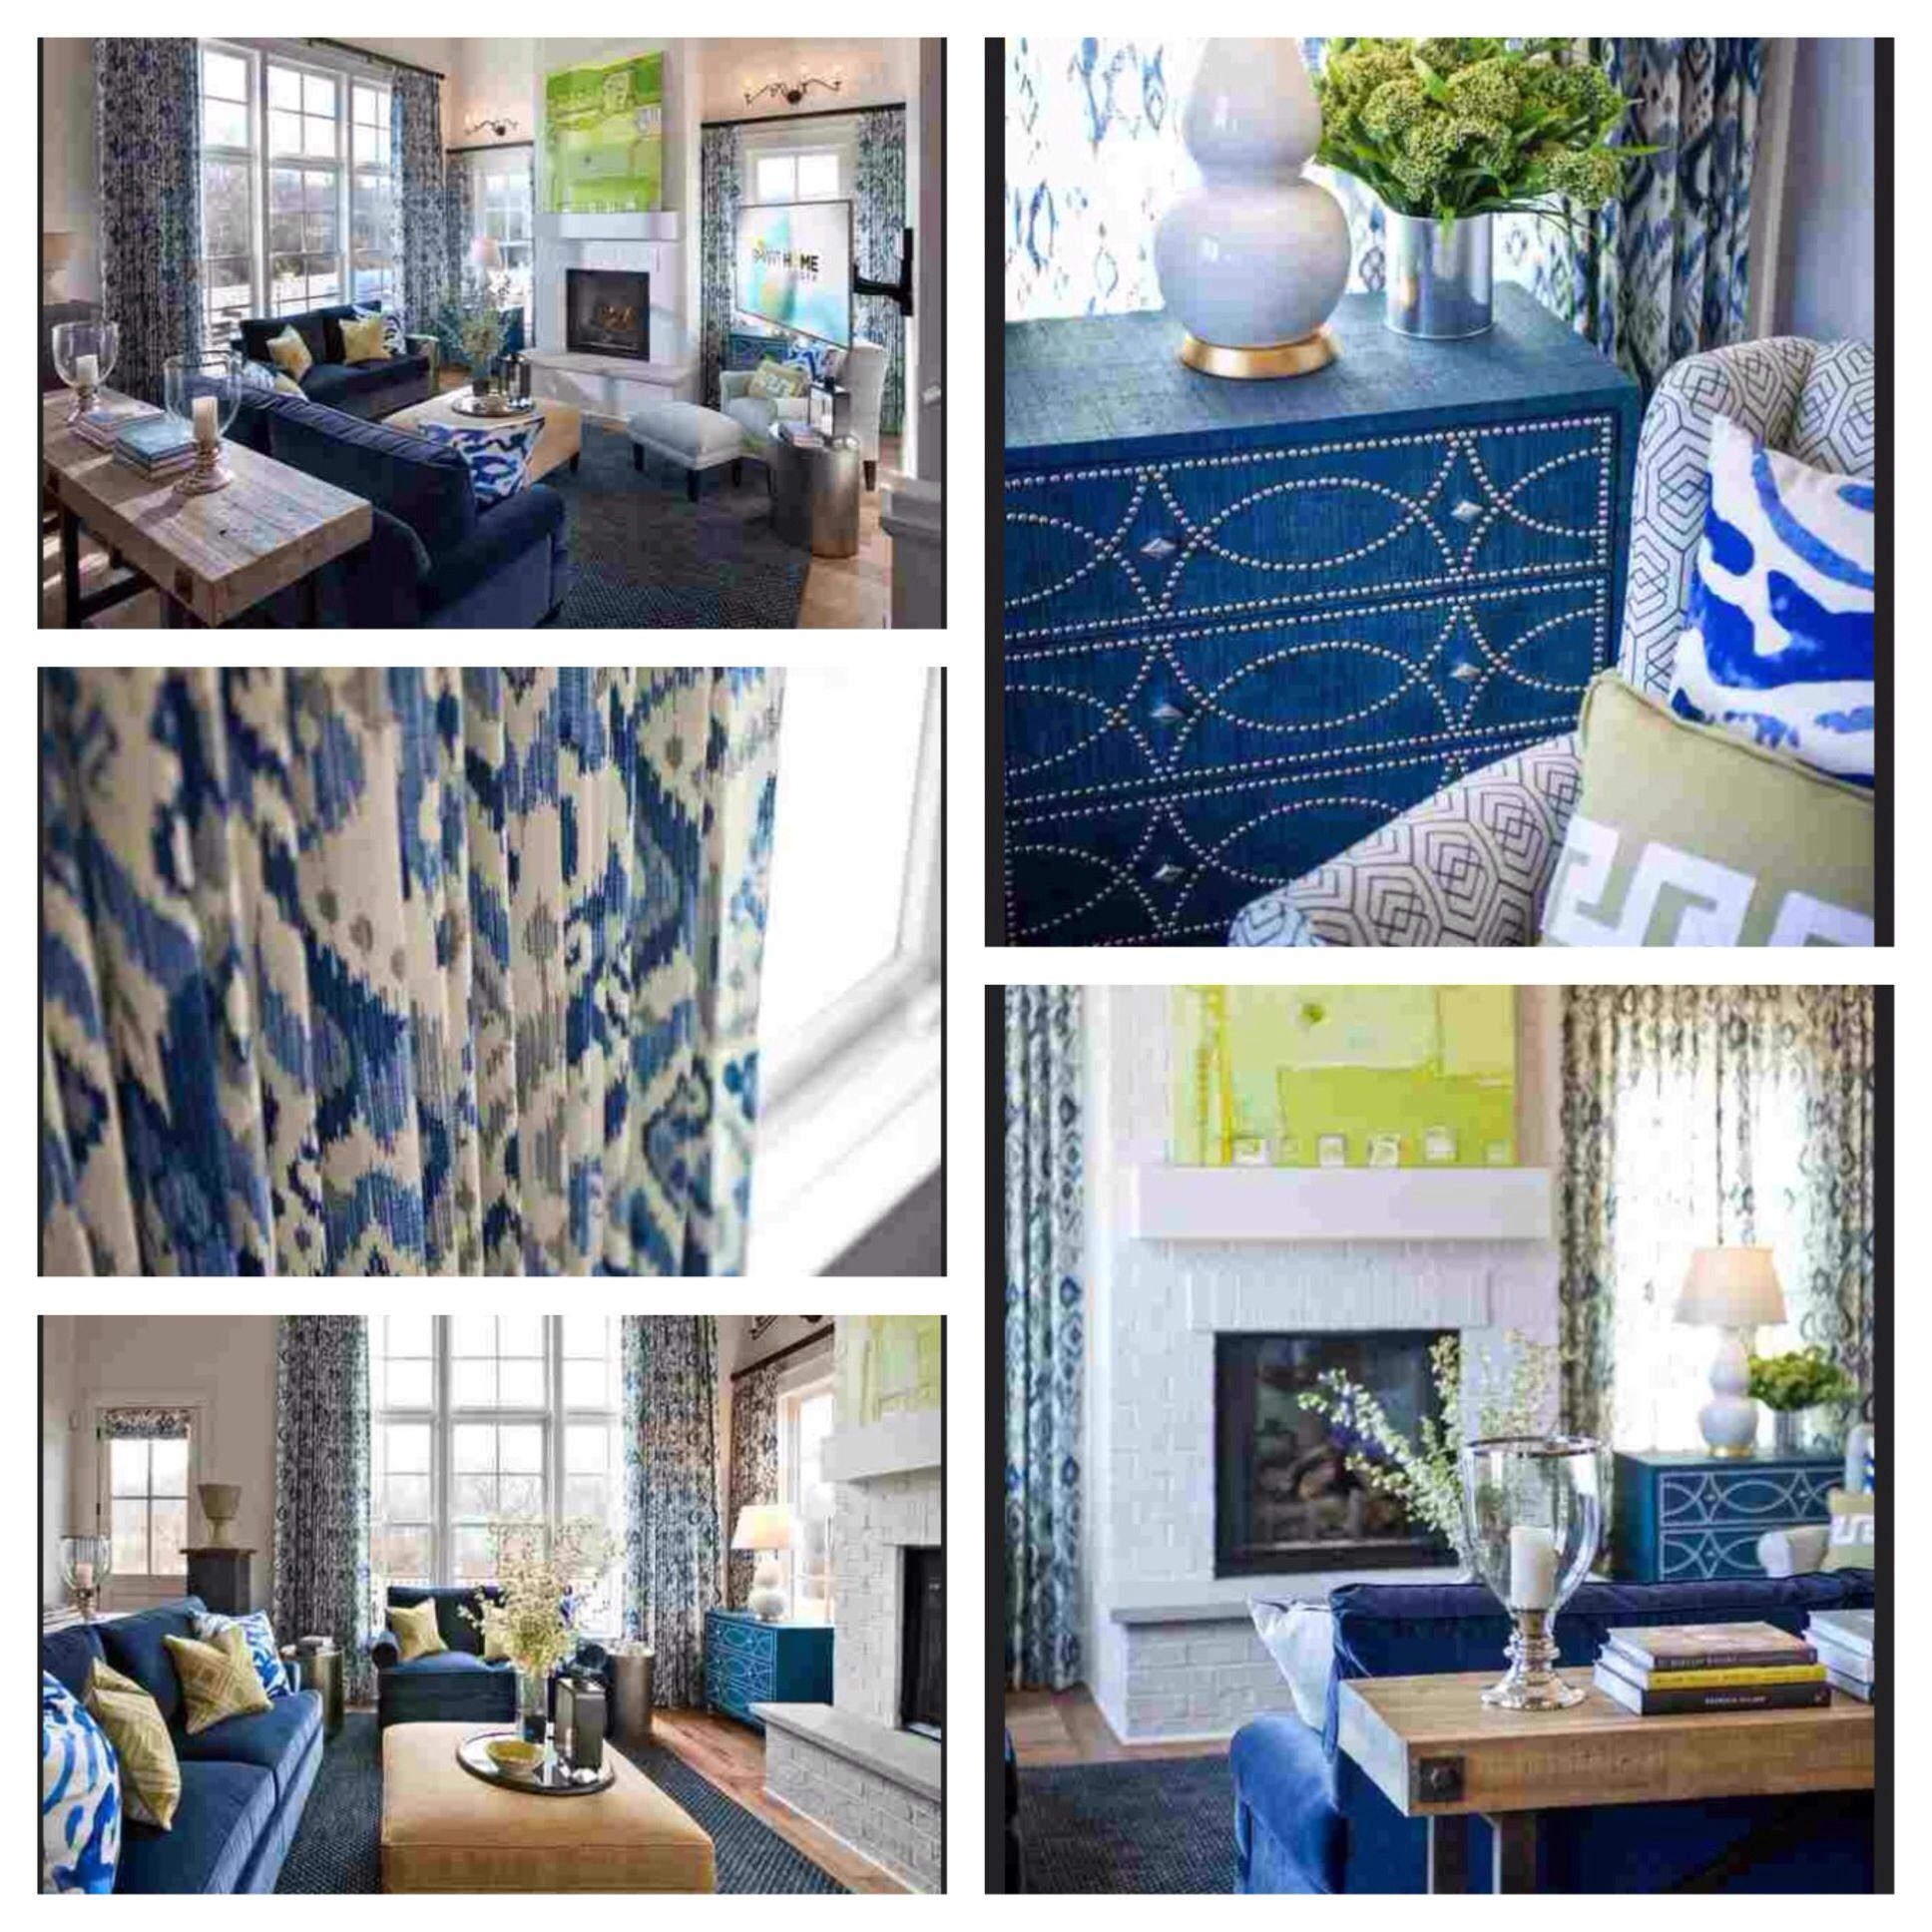 Family Room (hgtv Smart Home 2014)